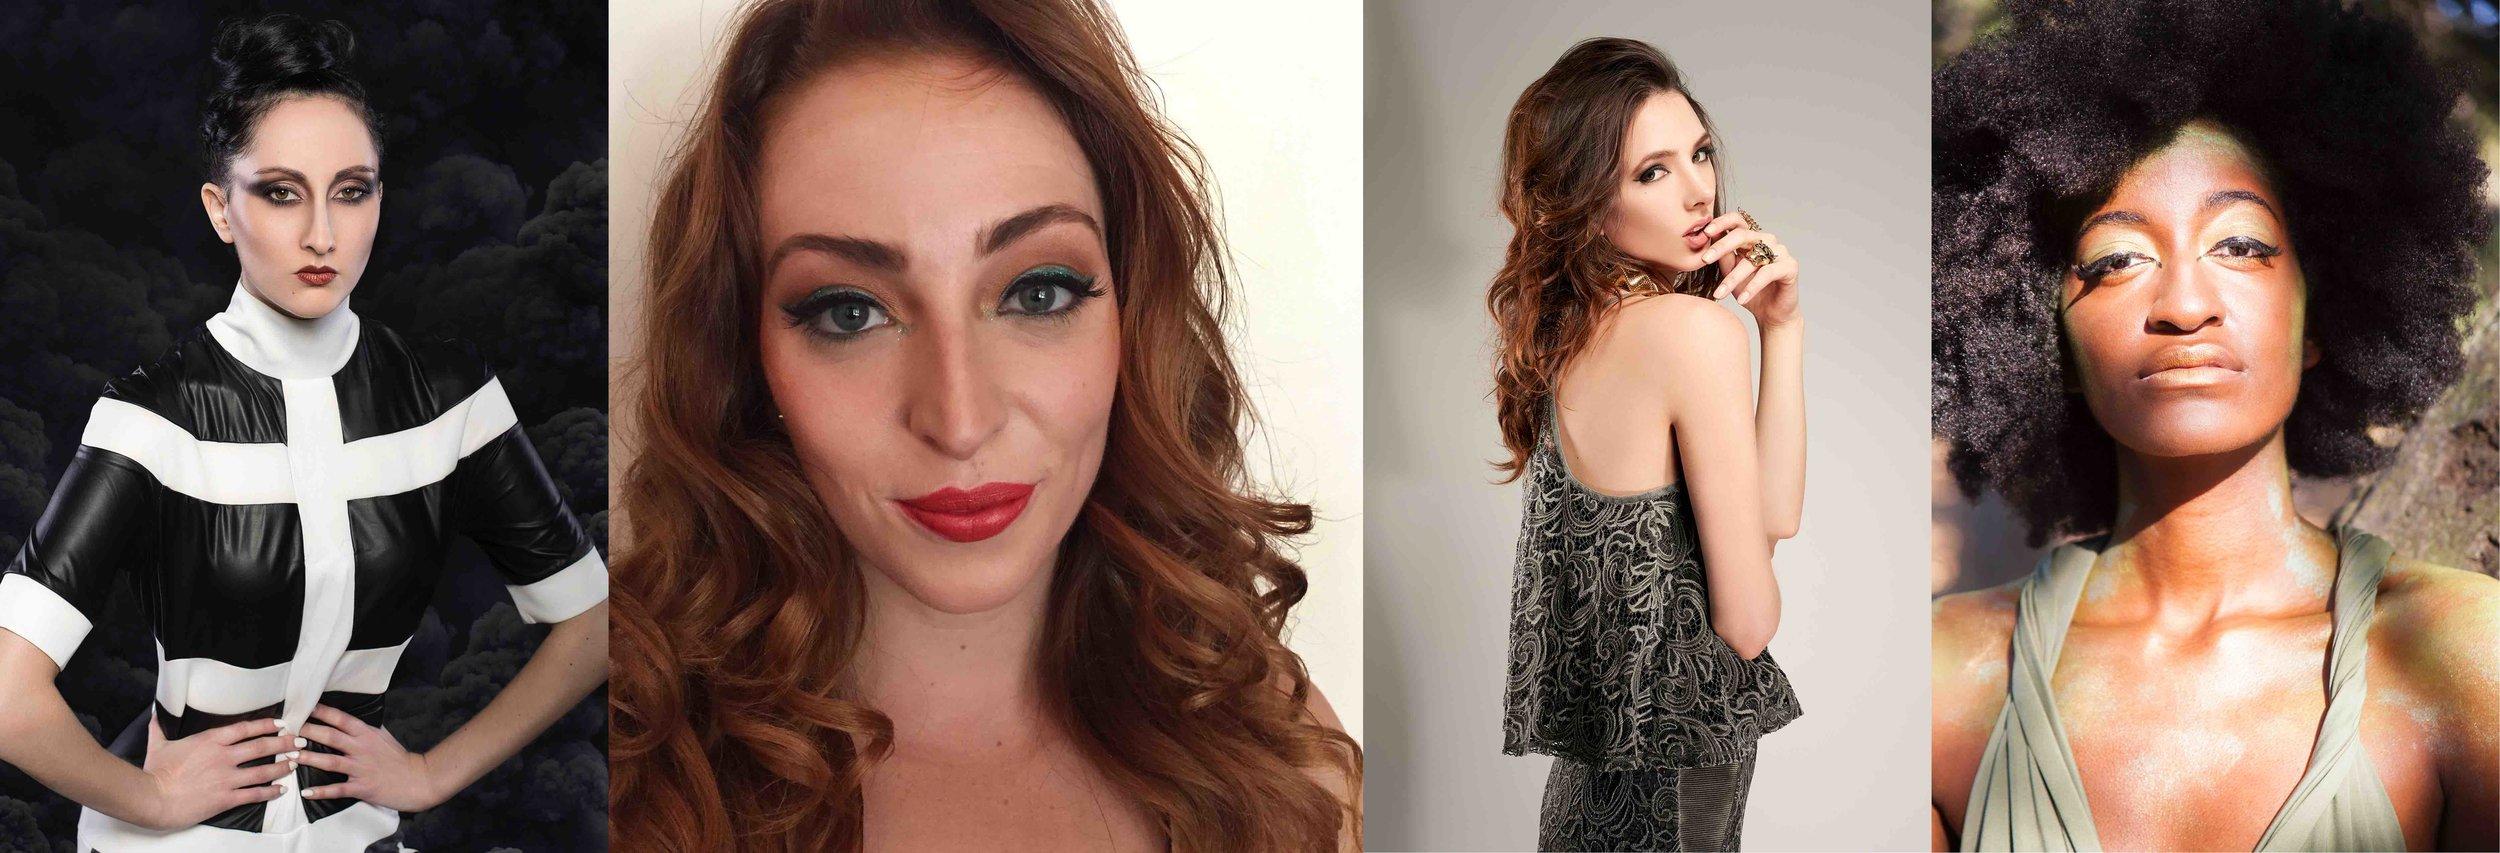 stage makeup 2019.jpg